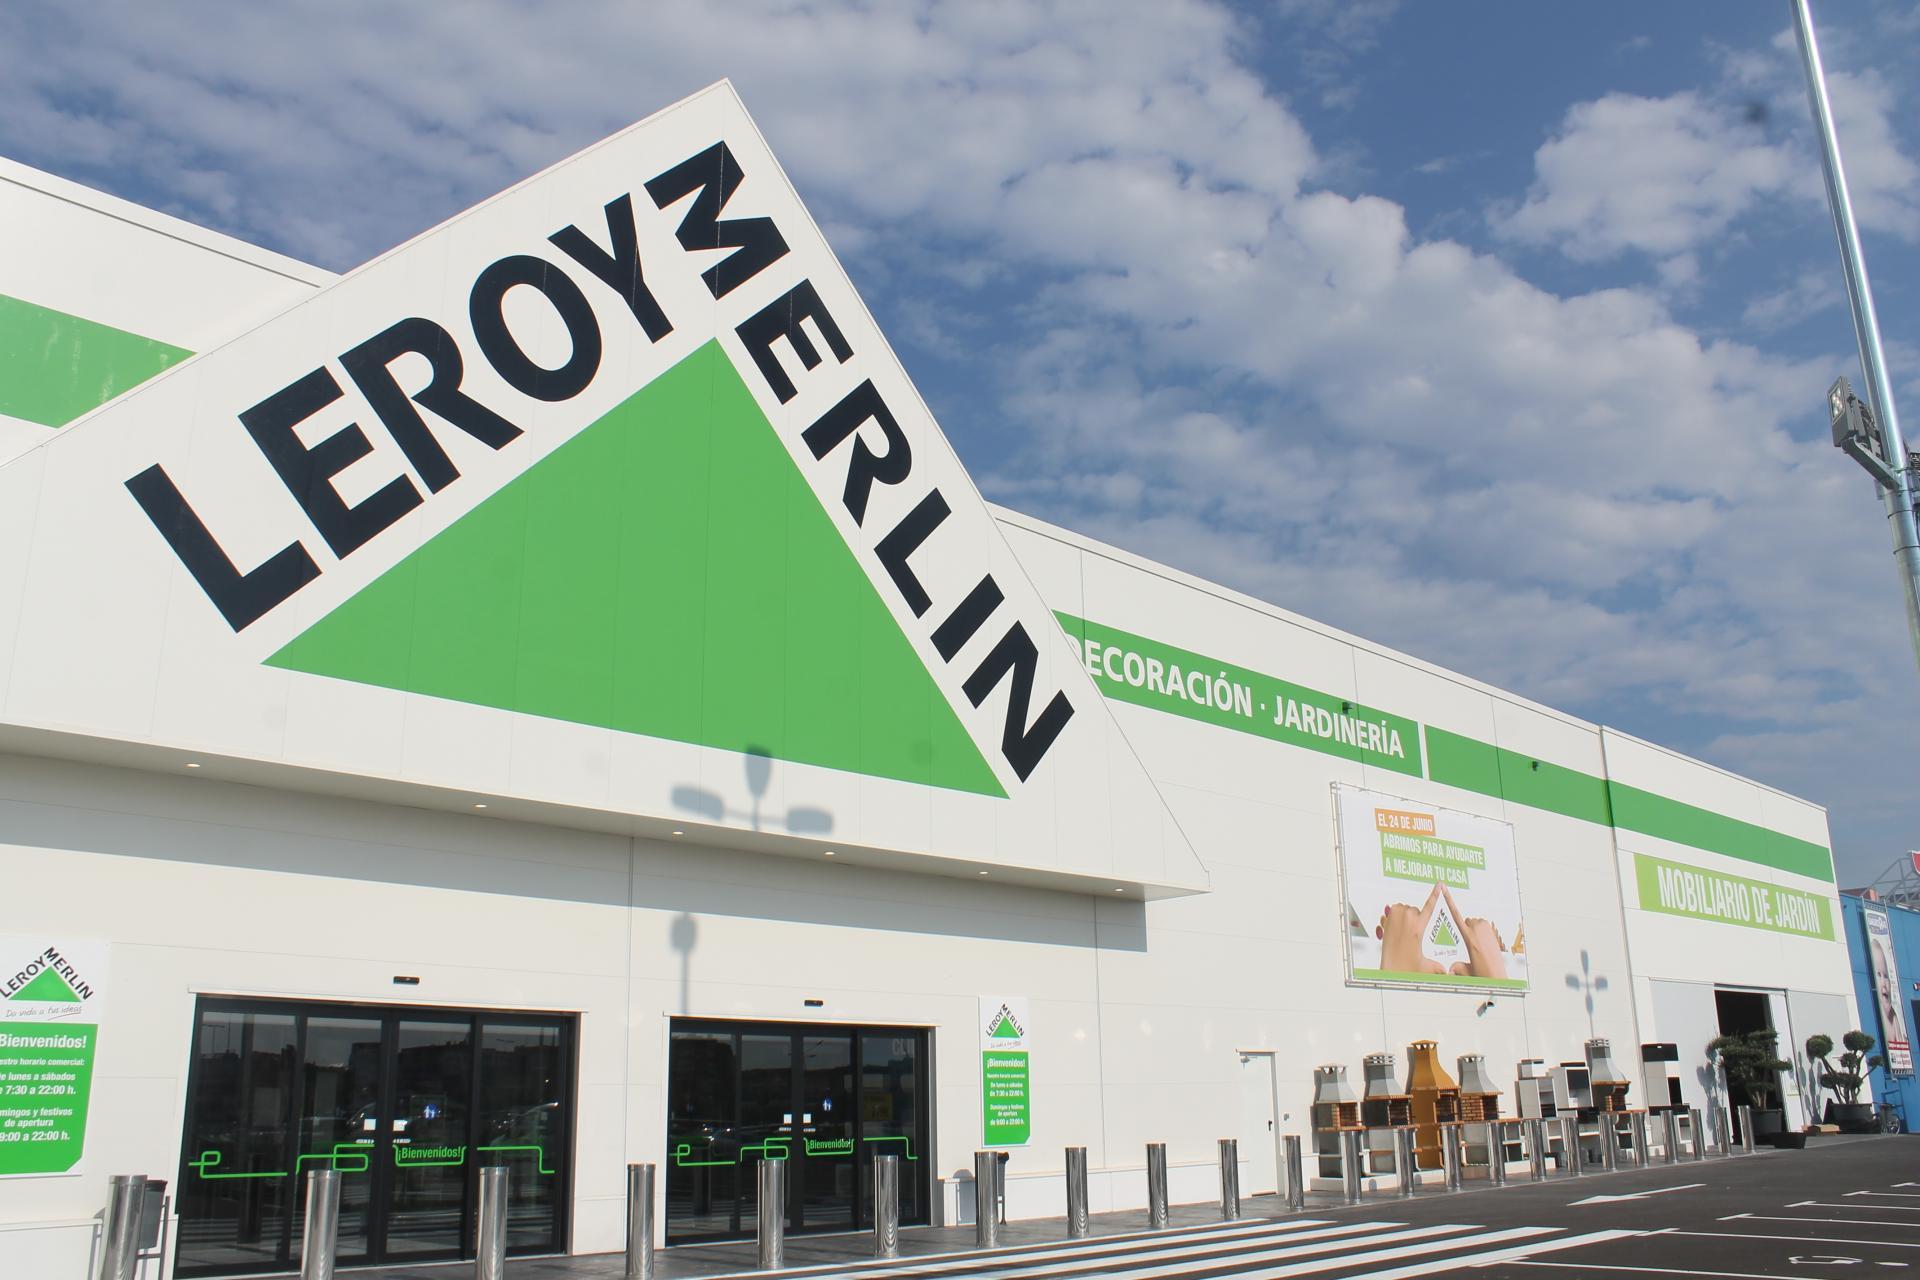 Leroy Merlin assume a Torino: l'azienda cerca personale